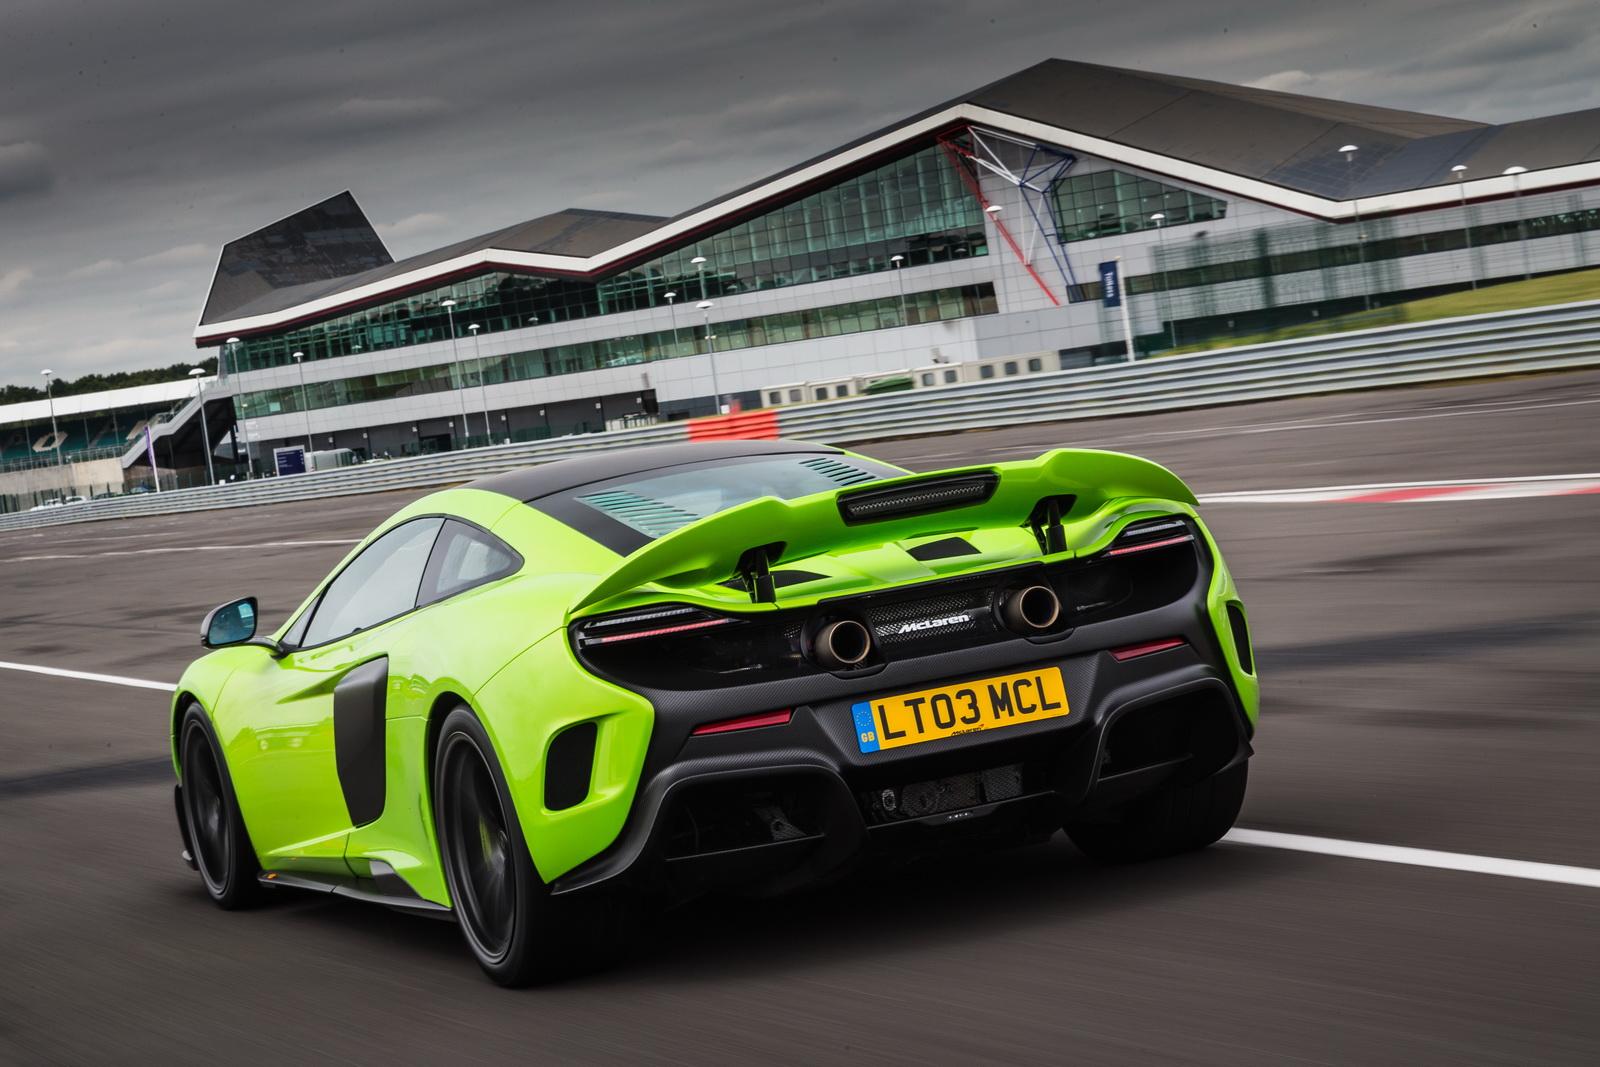 Siêu xe McLaren 675LT 2016